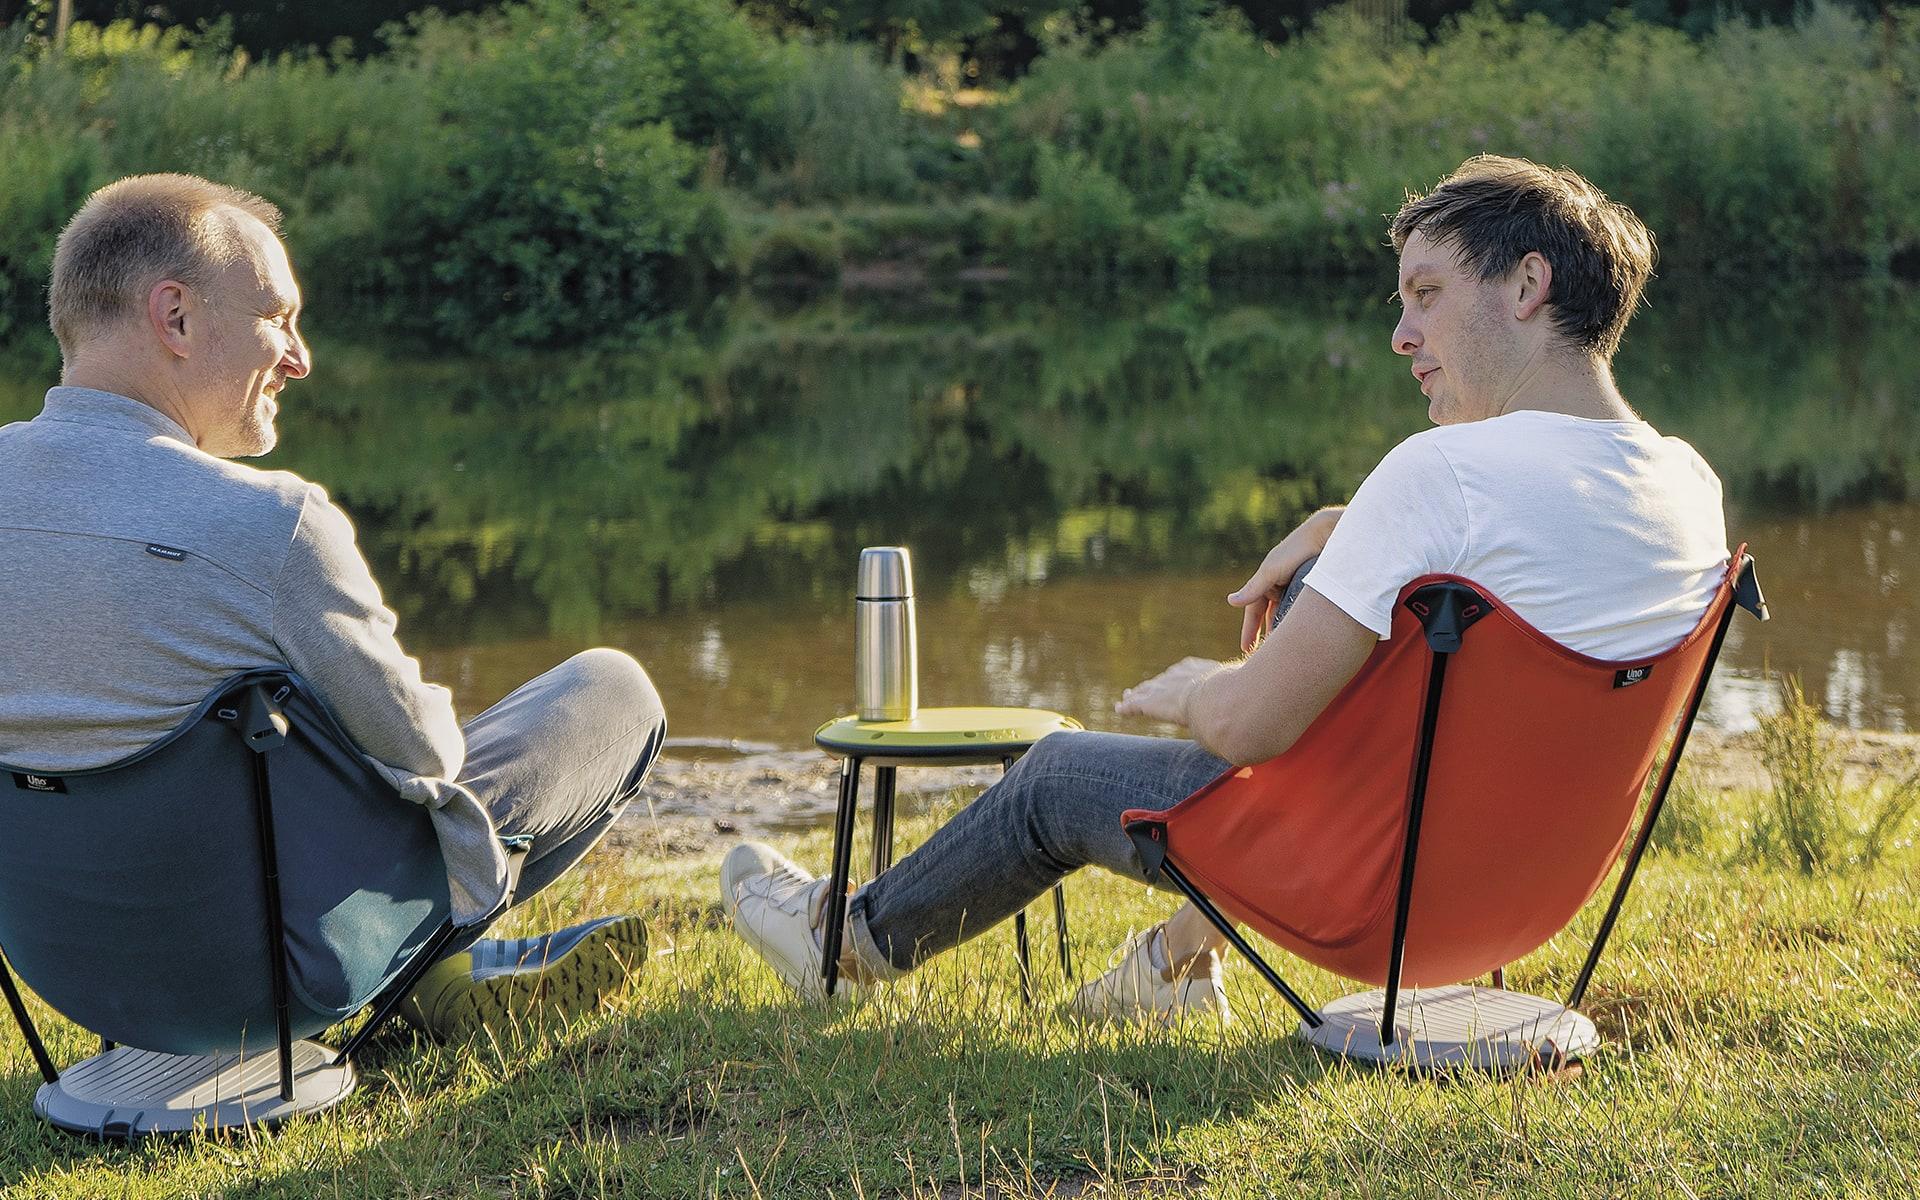 Zwei Männer sitzen in Therm-a-Rest Uno Outdoor-Stühlen von ITO Design neben einem Fluss, nutzen einen zusammengeklappten Therm-a-Rest Uno Outdoor-Stuhl als Beistelltisch und unterhalten sich